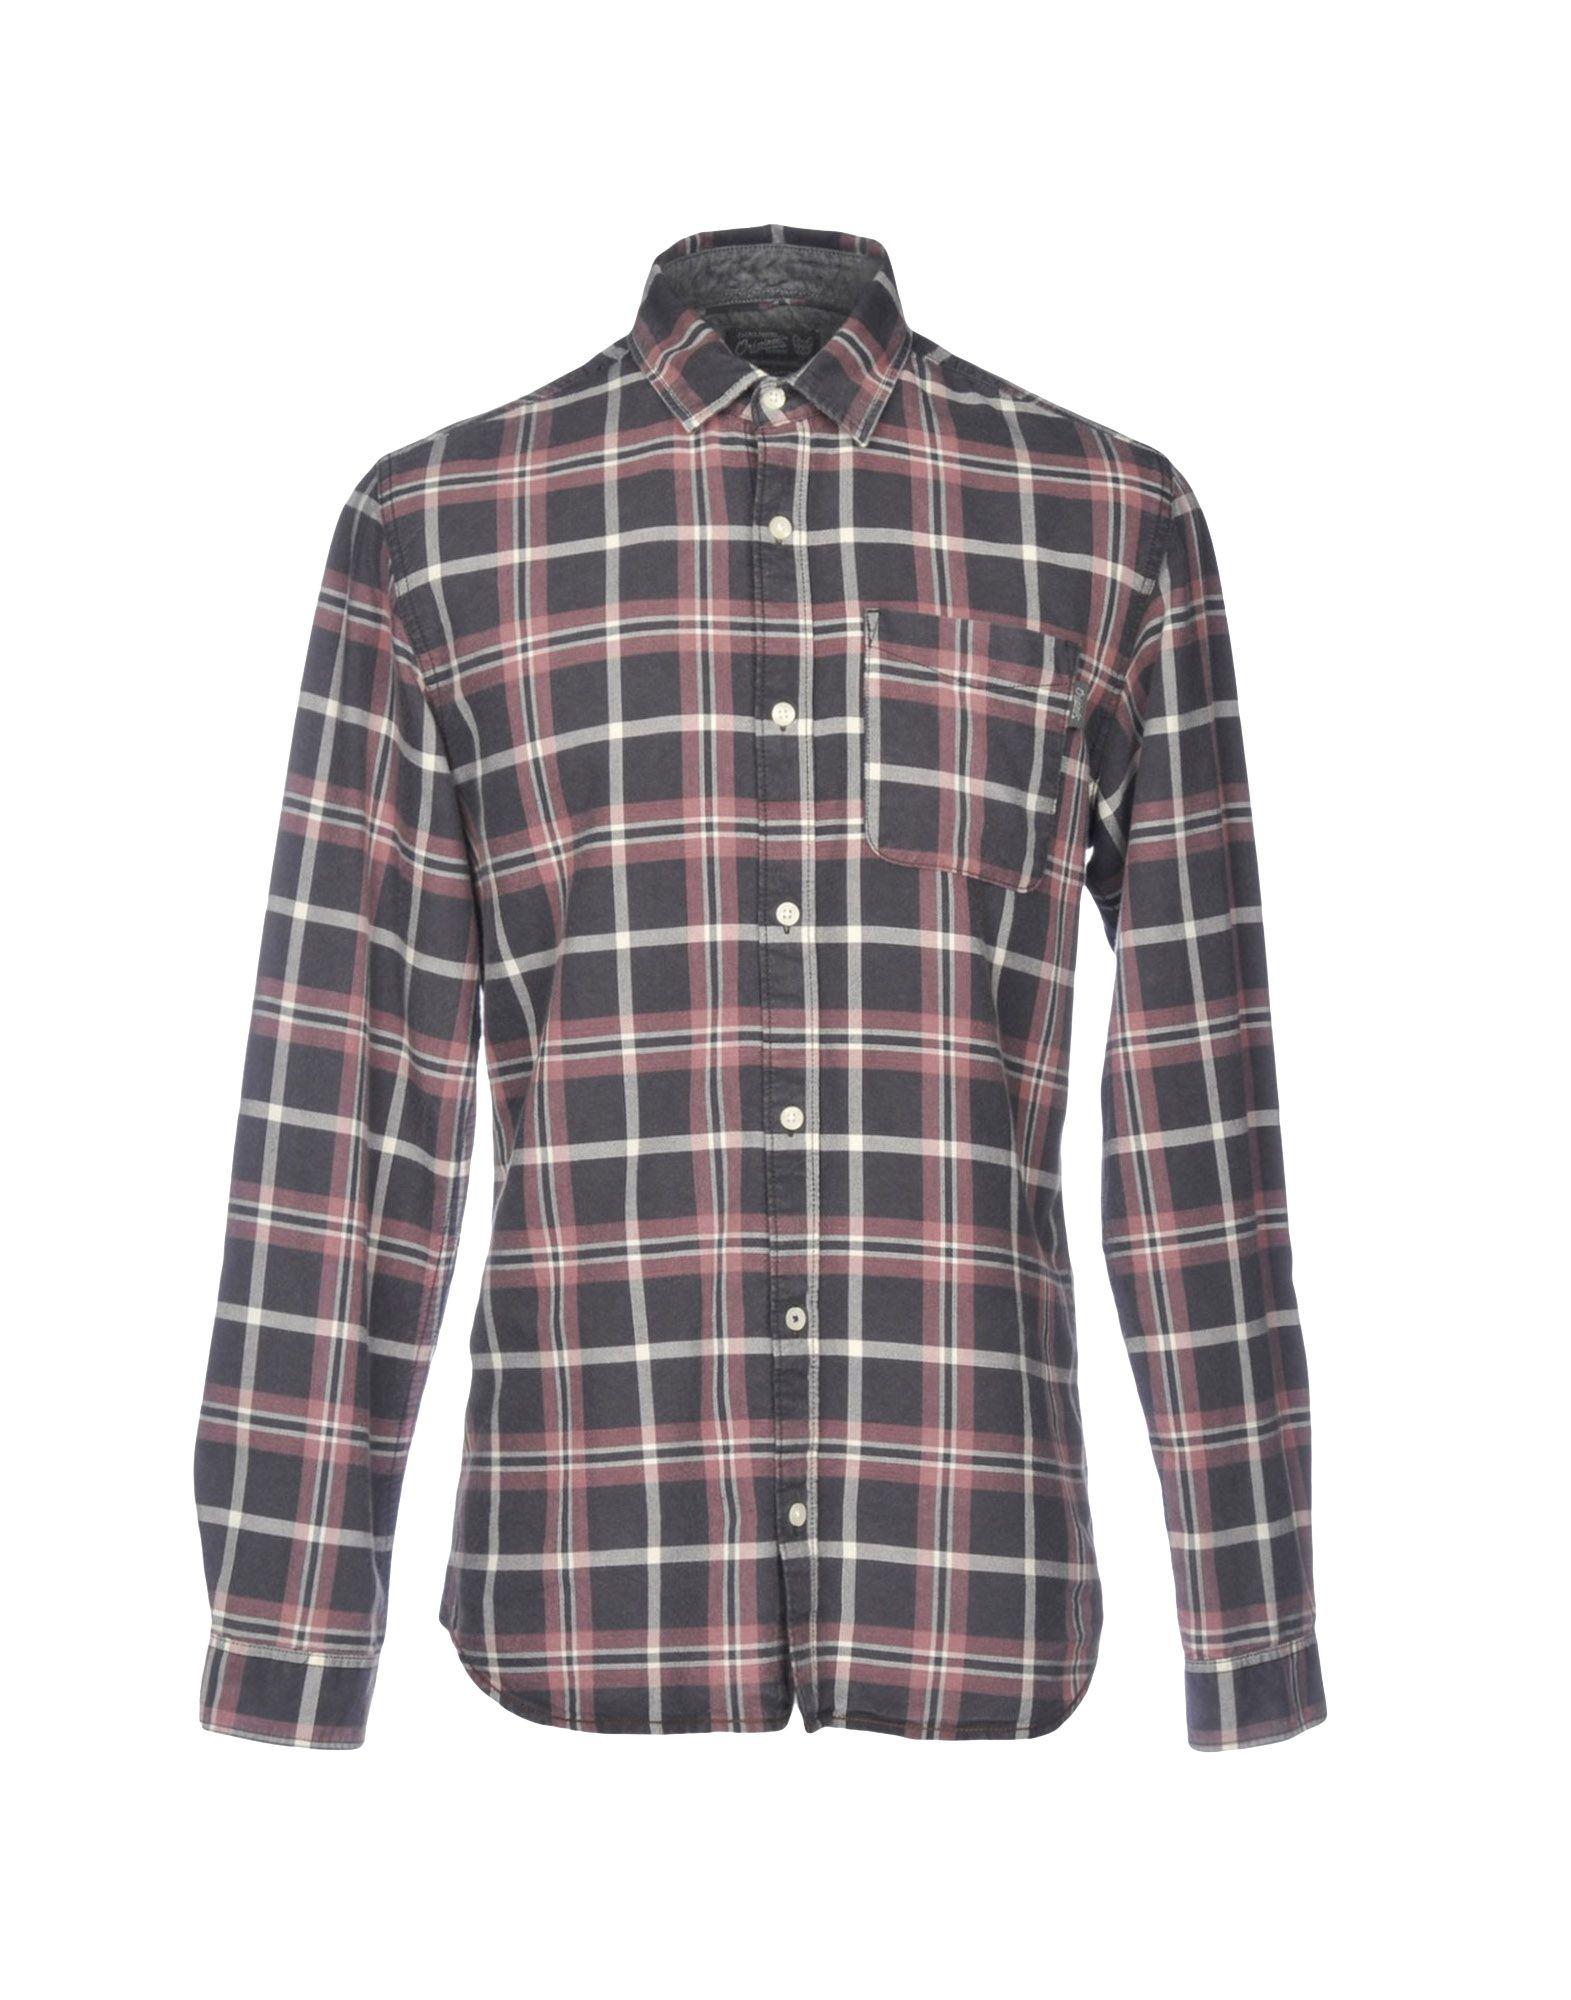 Camicia A Quadri Jack & Jones Originals uomo - 38765982UG 38765982UG 38765982UG 711